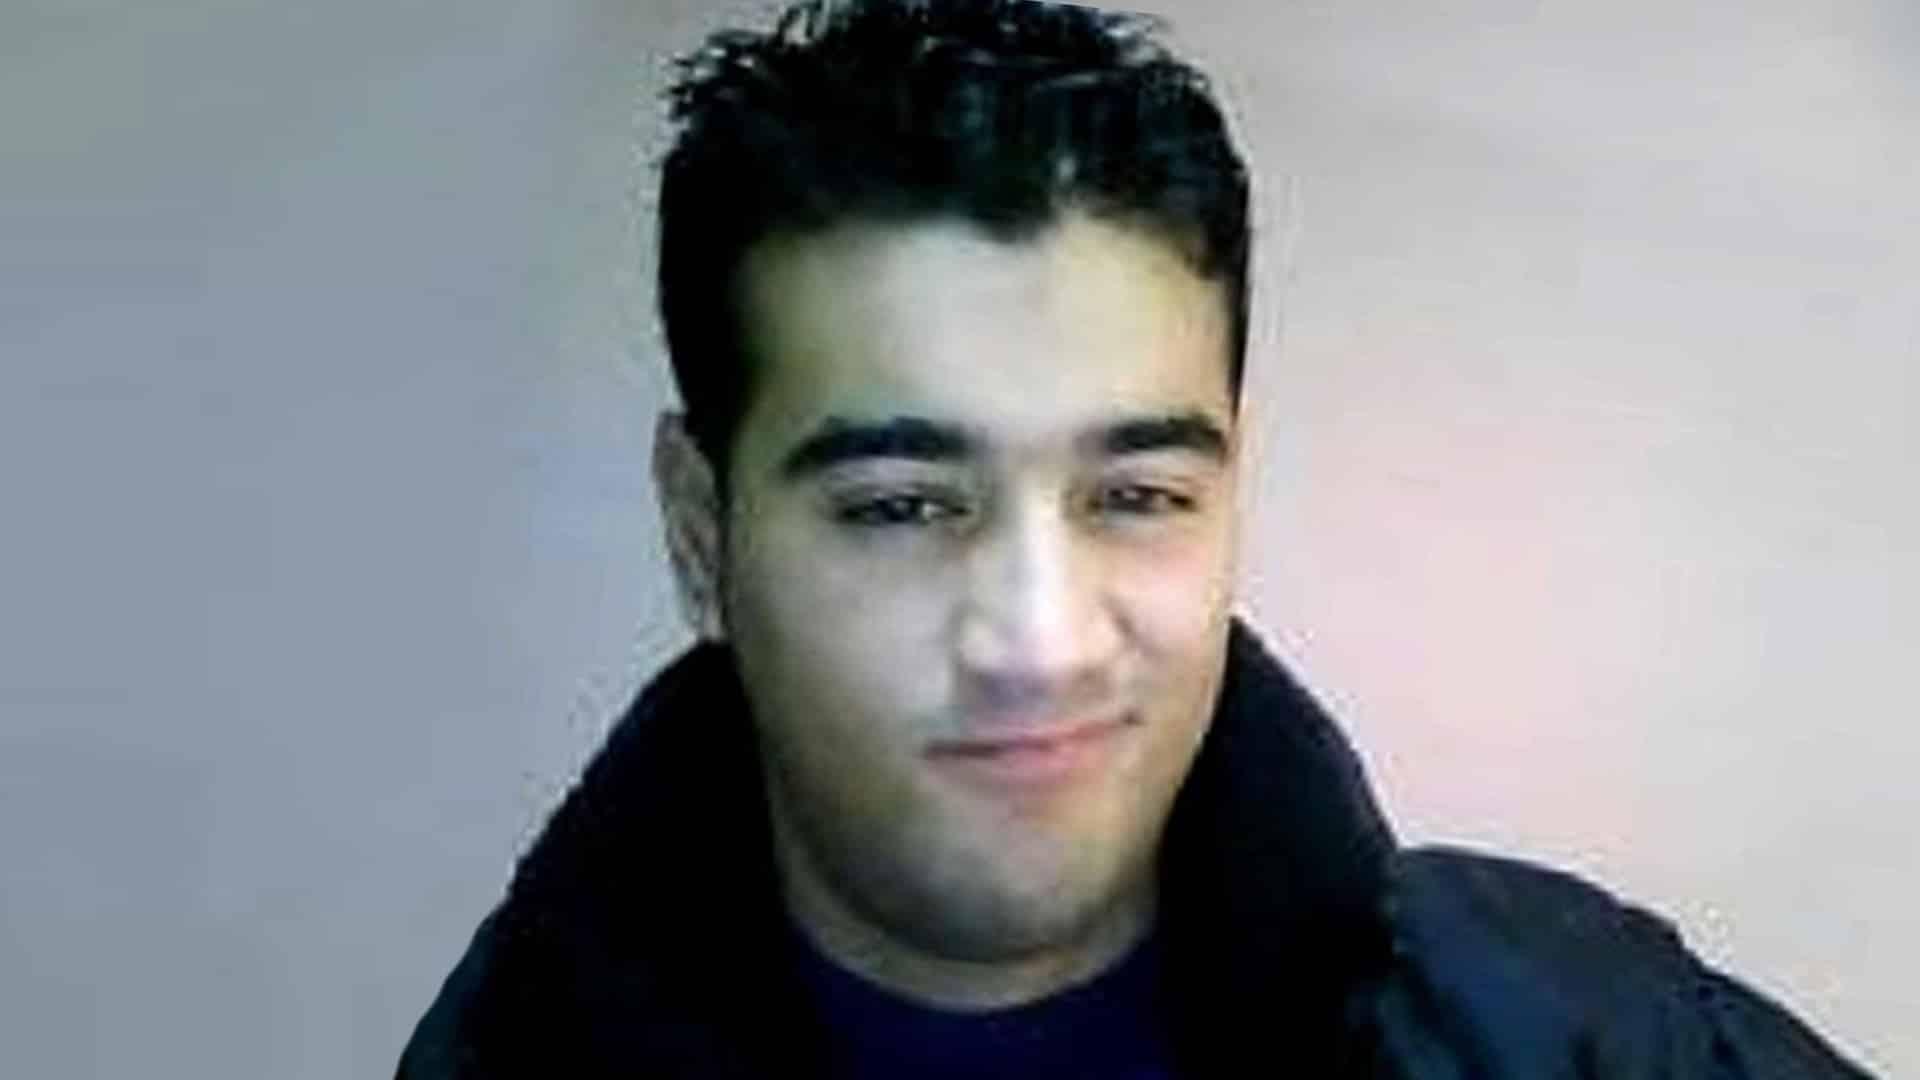 Mourad Mecheri